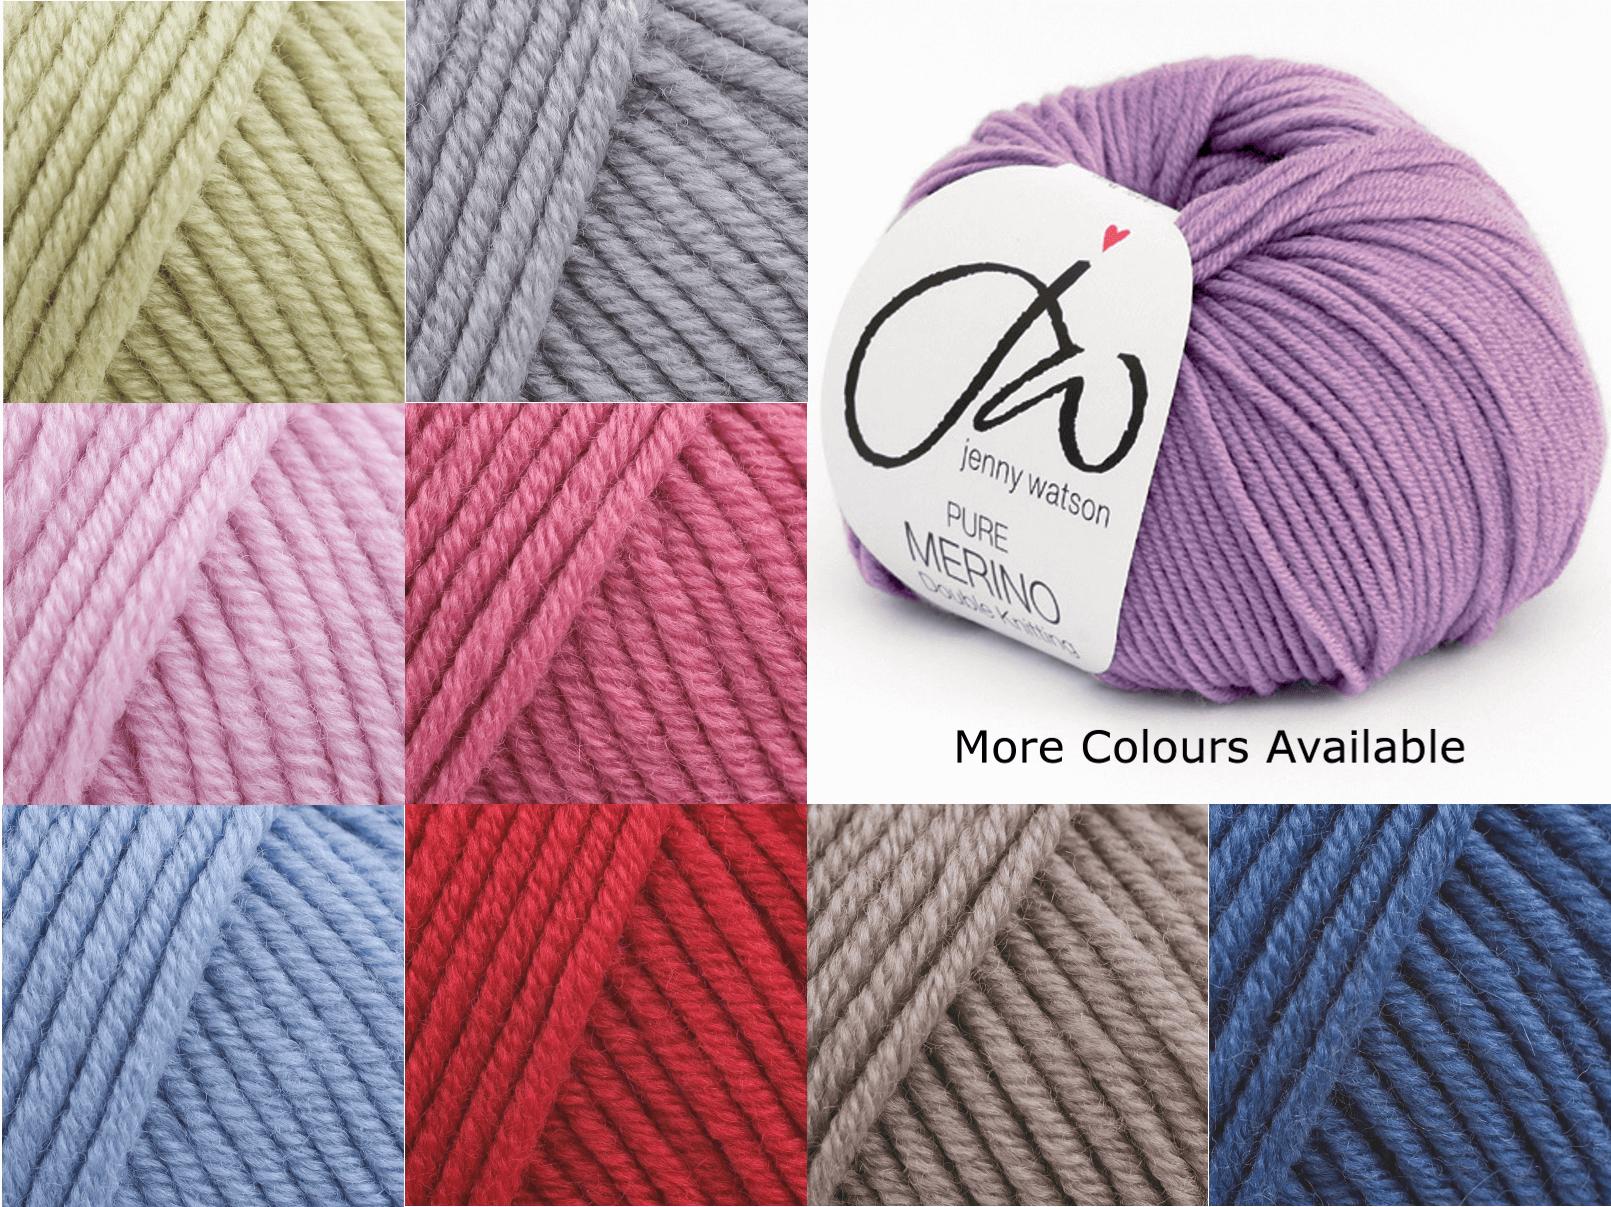 Jenny Watson Designs Pure Merino DK Wool 50g Ball Knitting Yarn Knit Craft WM2 Soft Pink